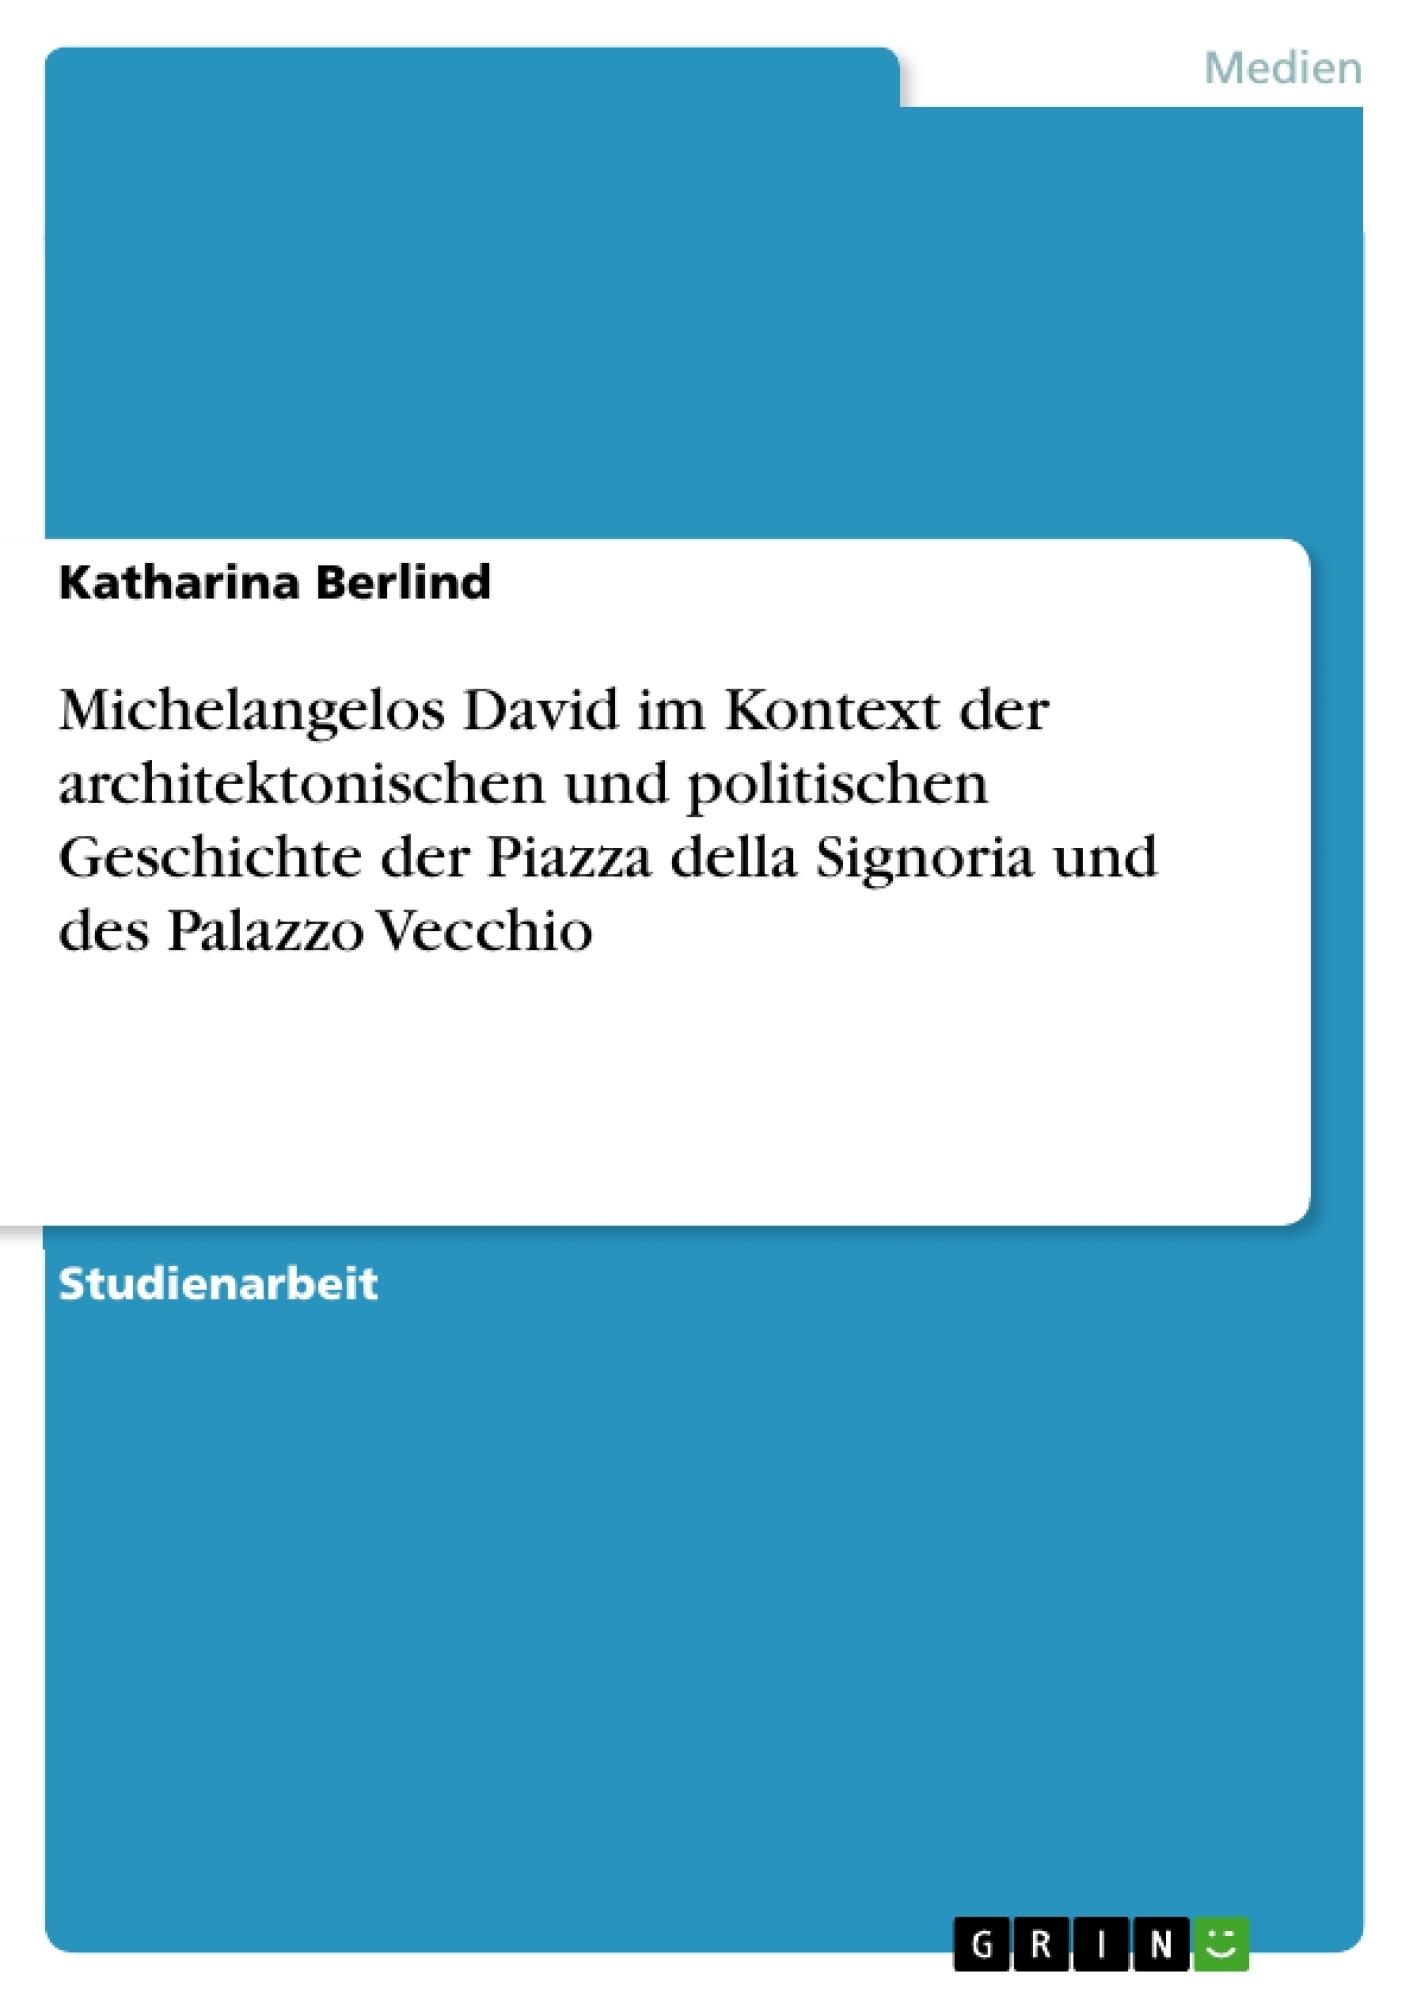 Titel: Michelangelos David im Kontext der architektonischen und politischen Geschichte der Piazza della Signoria und des Palazzo Vecchio